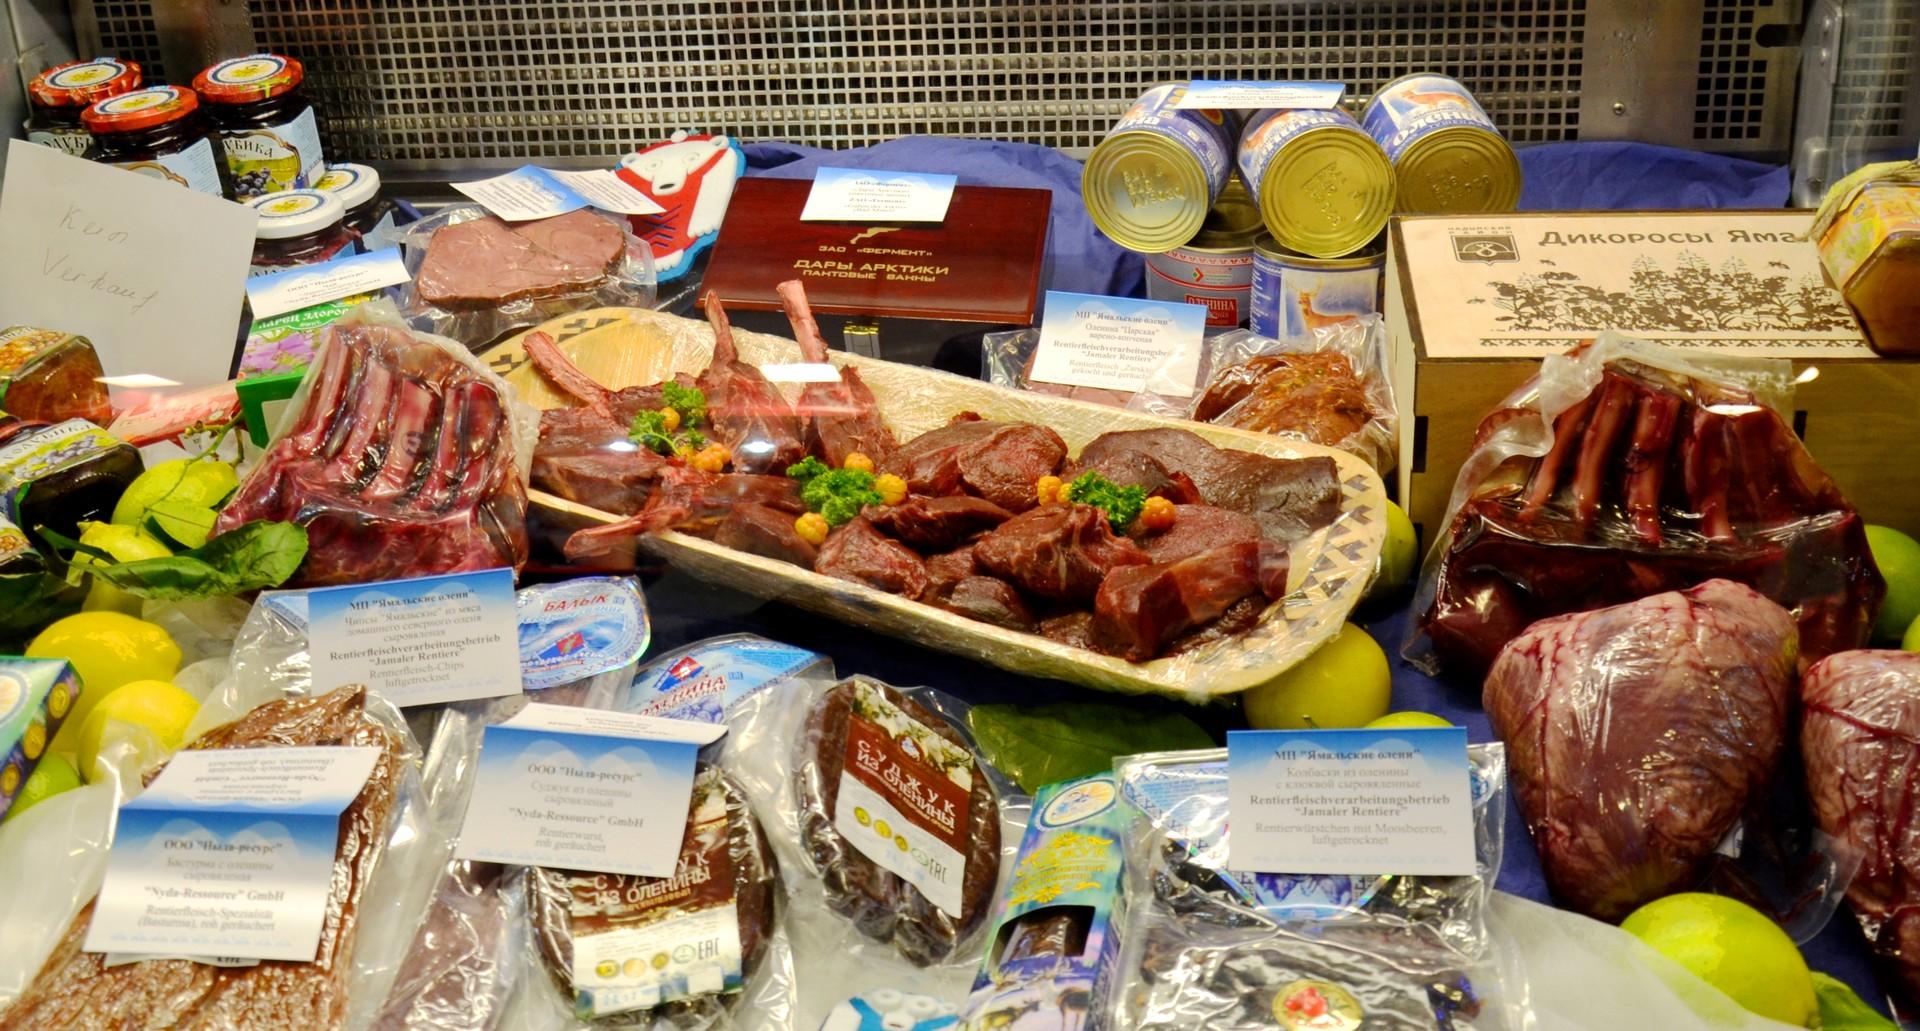 Wildfleisch aus der Region Jamal wird auf ganz unterschiedliche Art verarbeitet.